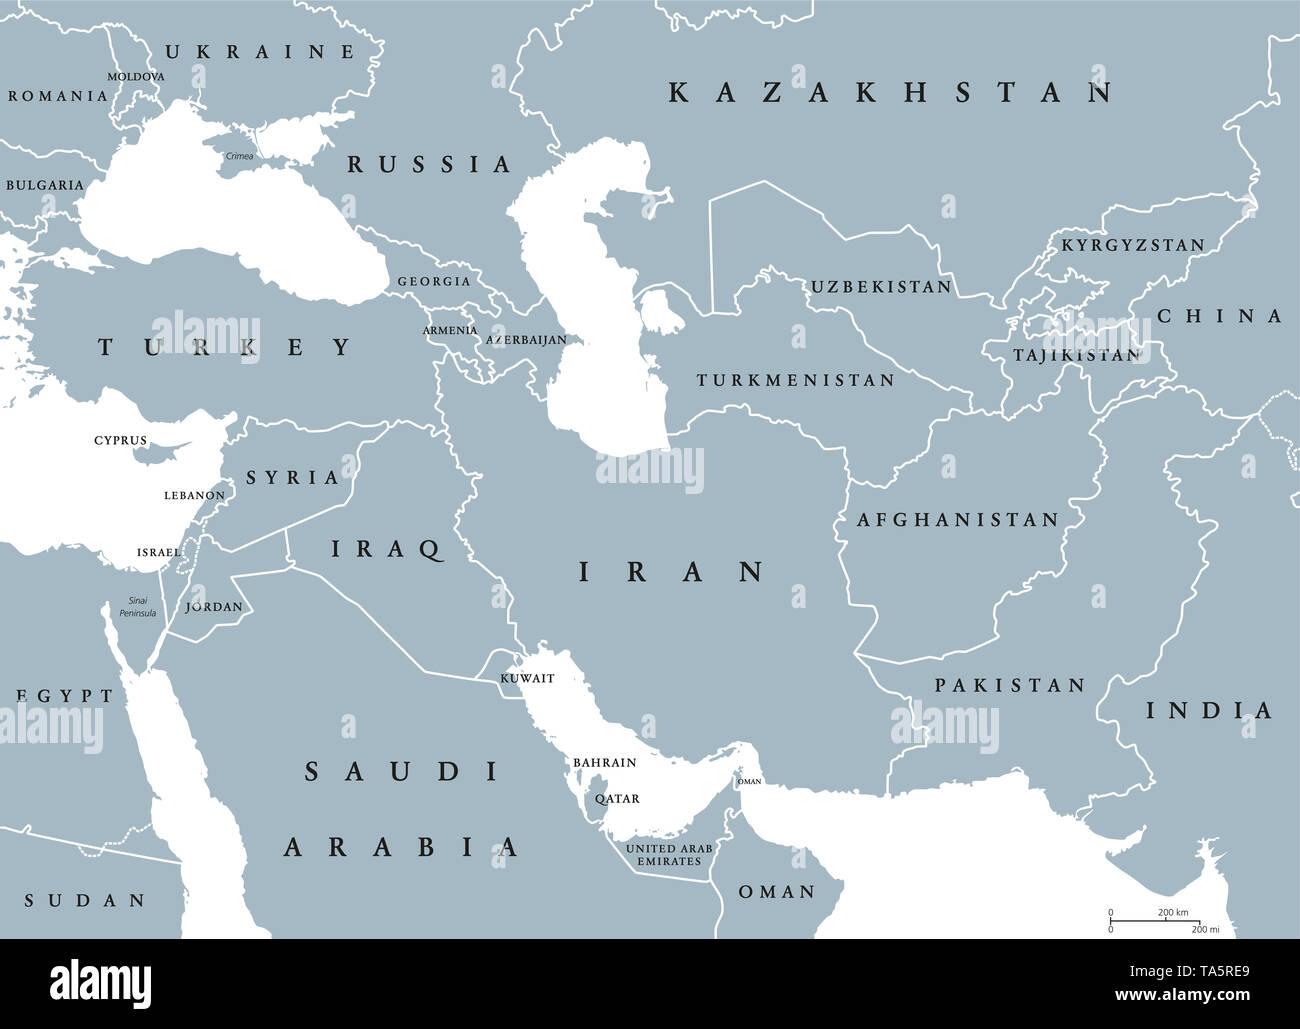 Politische Karte Asien.Südwesten Asien Politische Karte Mit Grenzen Auch Als Westliche